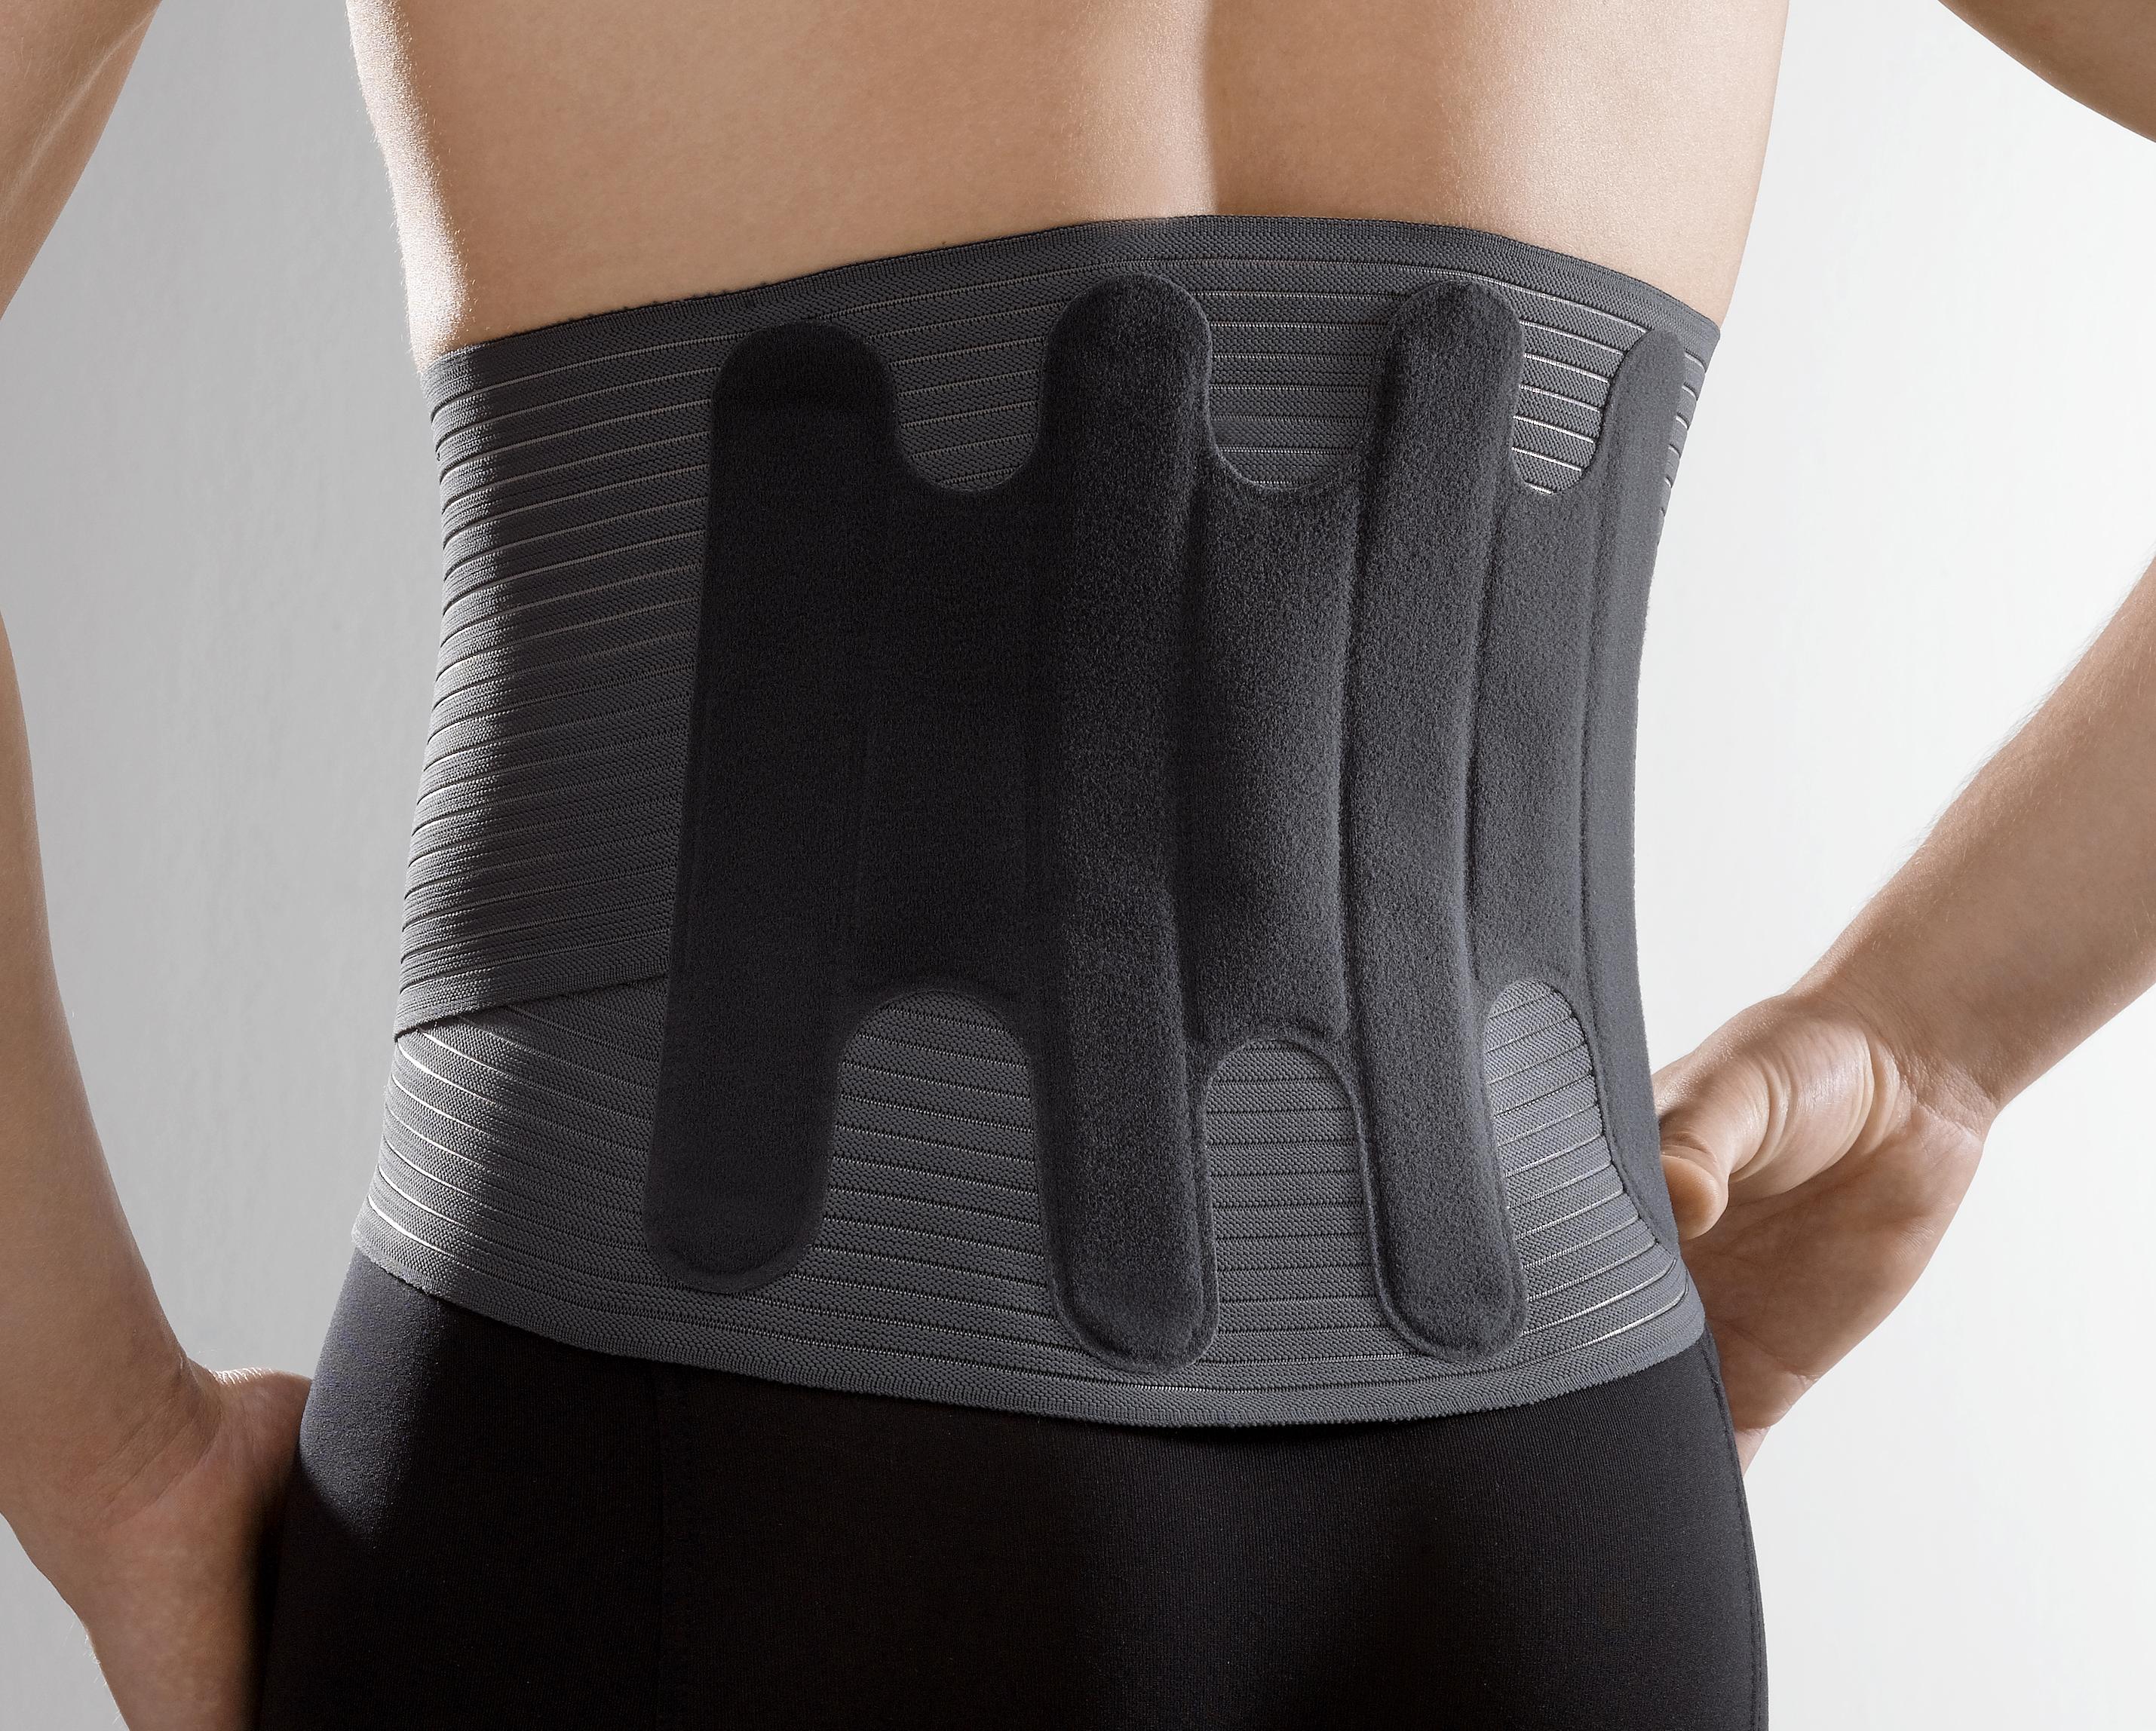 la ceinture lombaire un accessoire efficace pour soulager le mal de dos votre sant. Black Bedroom Furniture Sets. Home Design Ideas